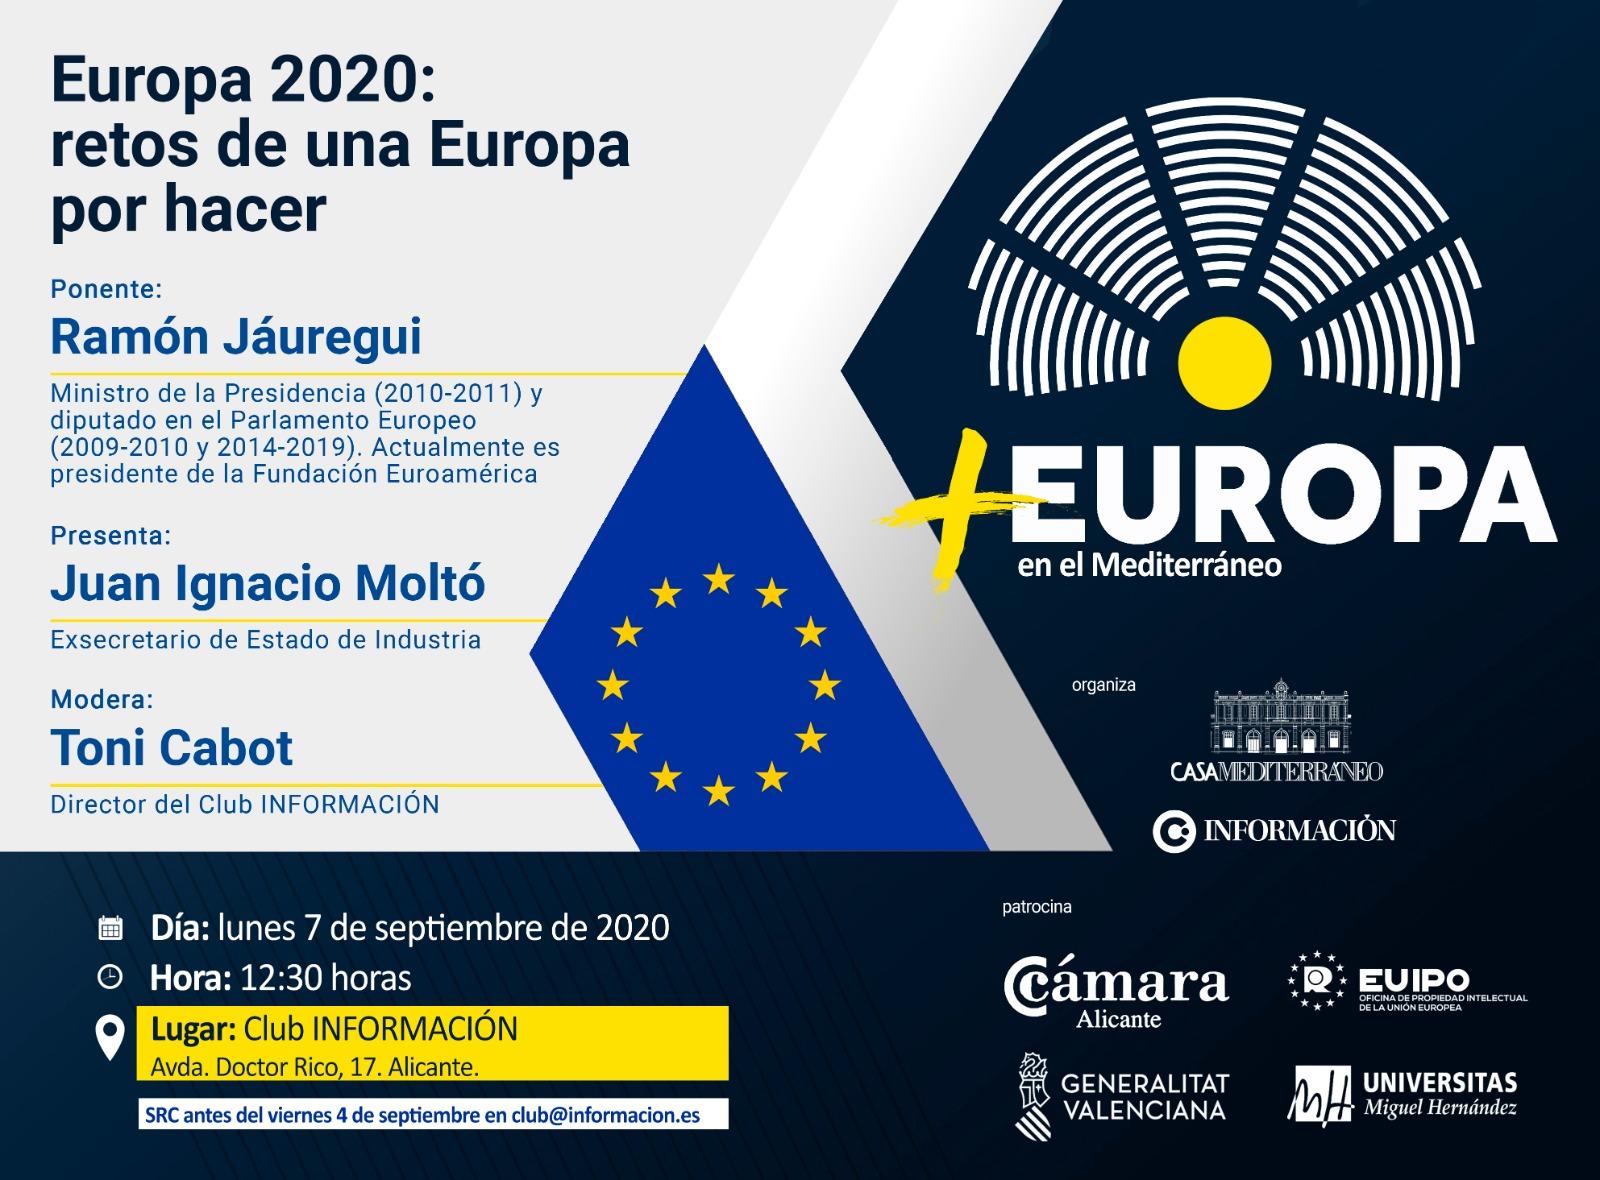 + EUROPA con Ramón Jáuregui: Retos de una Europa por hacer.